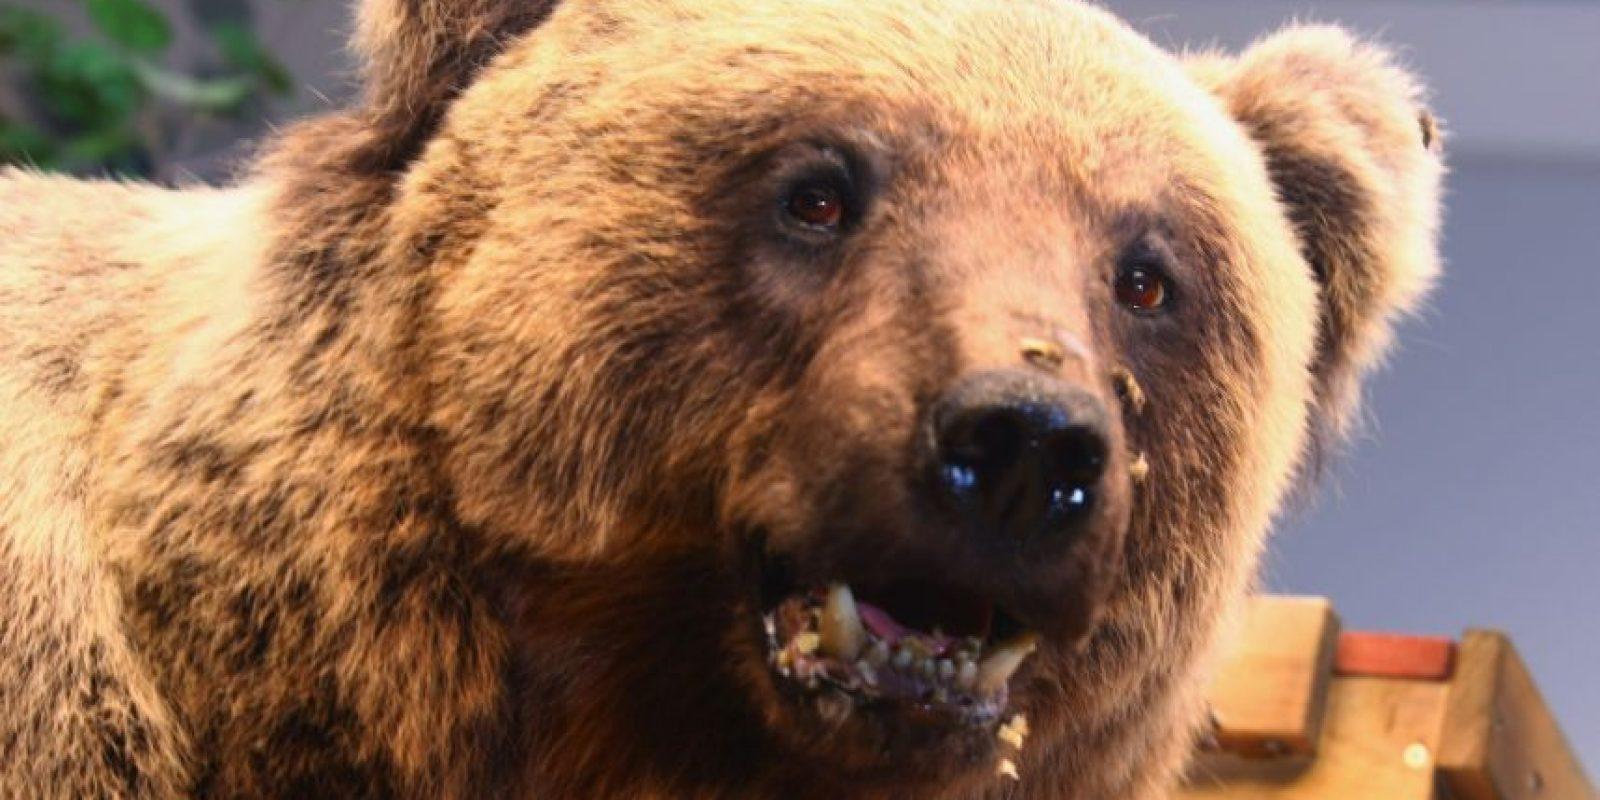 En el caso del oso asesinado se cree que podría haber sido eso o que estaba buscando una guarida para pasar el invierno. Foto:Getty Images